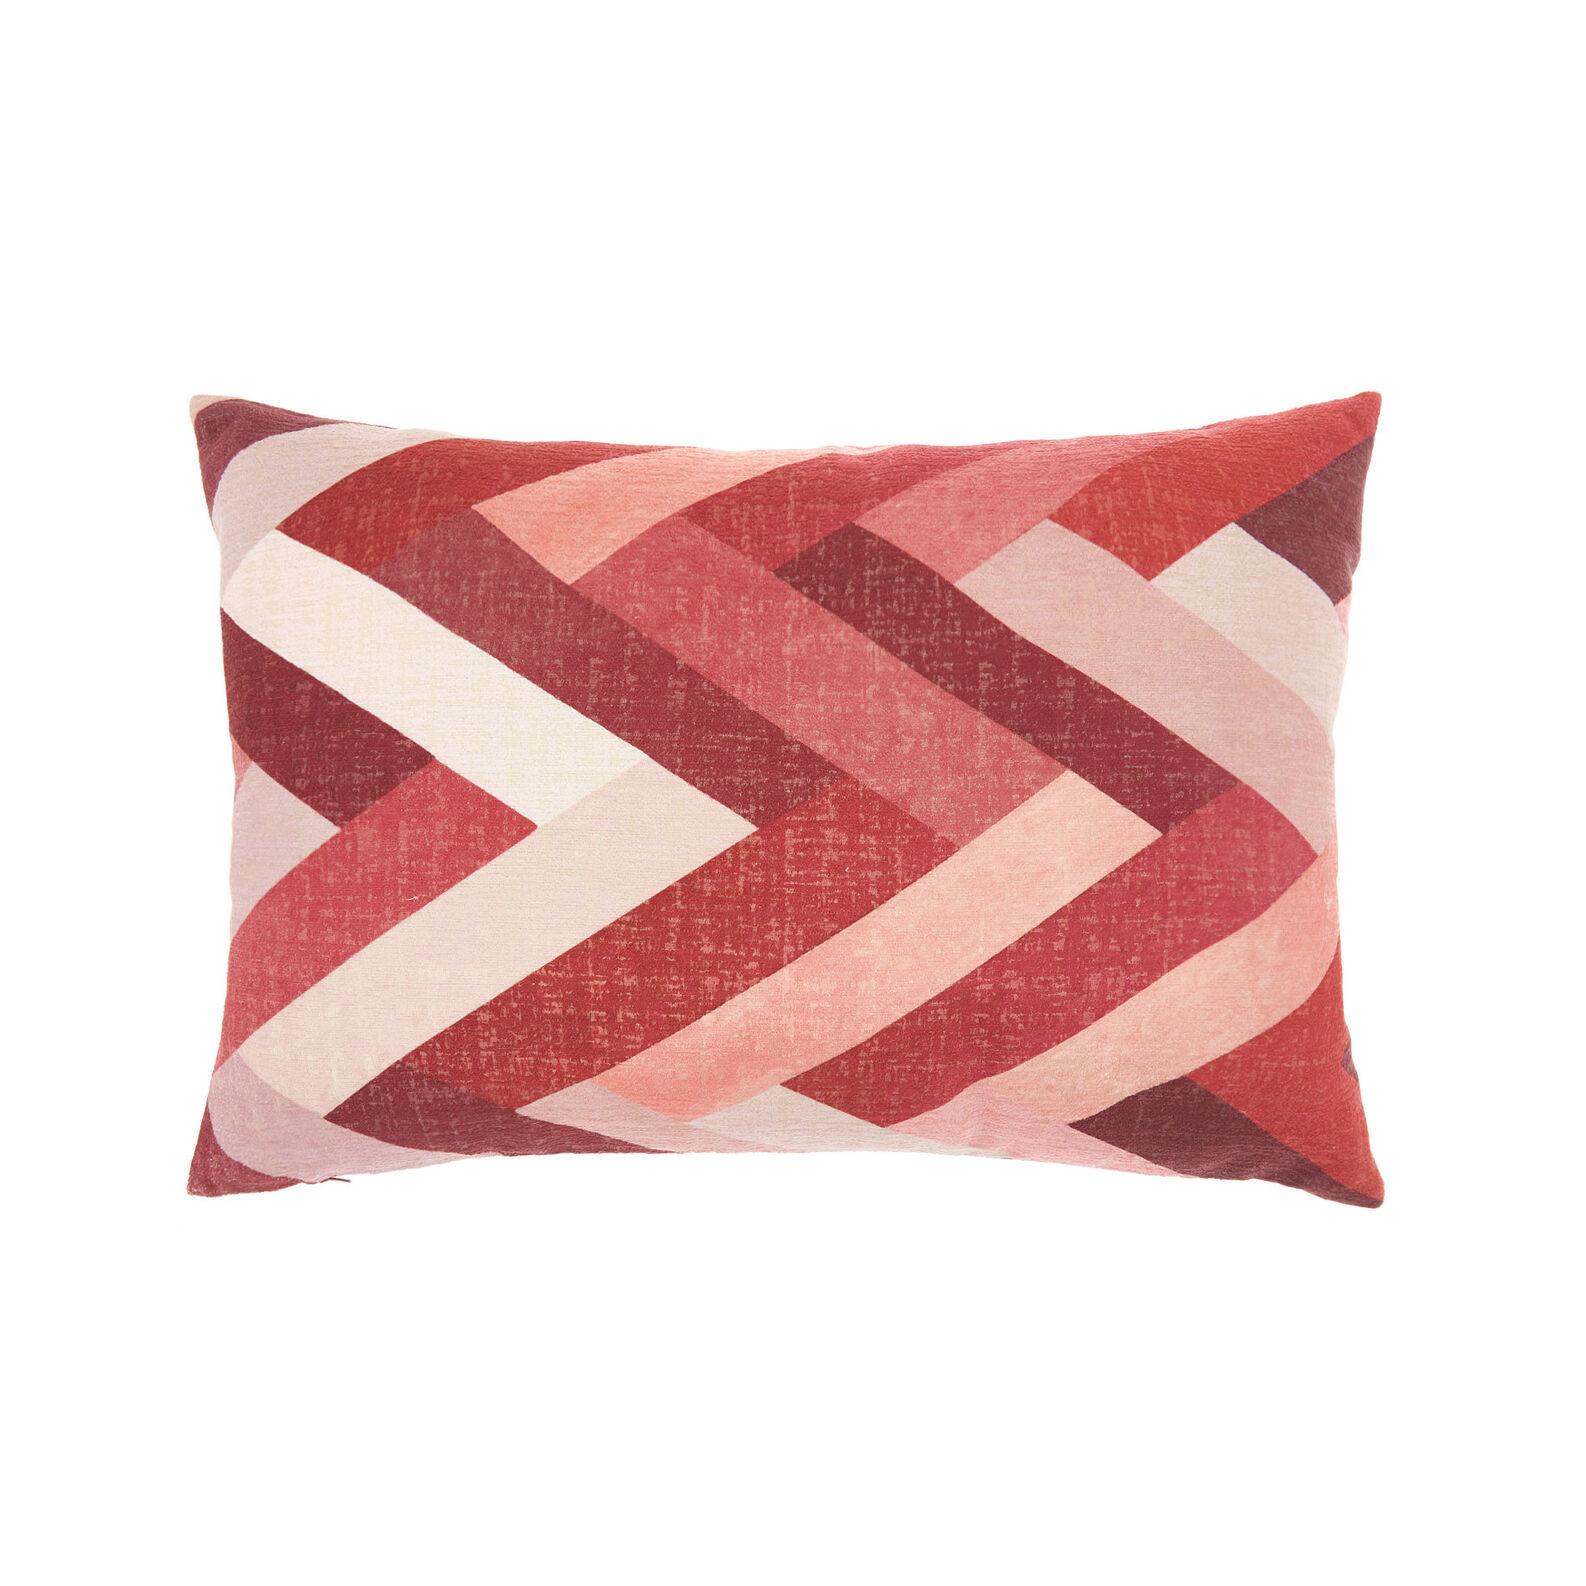 Velvet cushion with zigzag print (35x55cm)